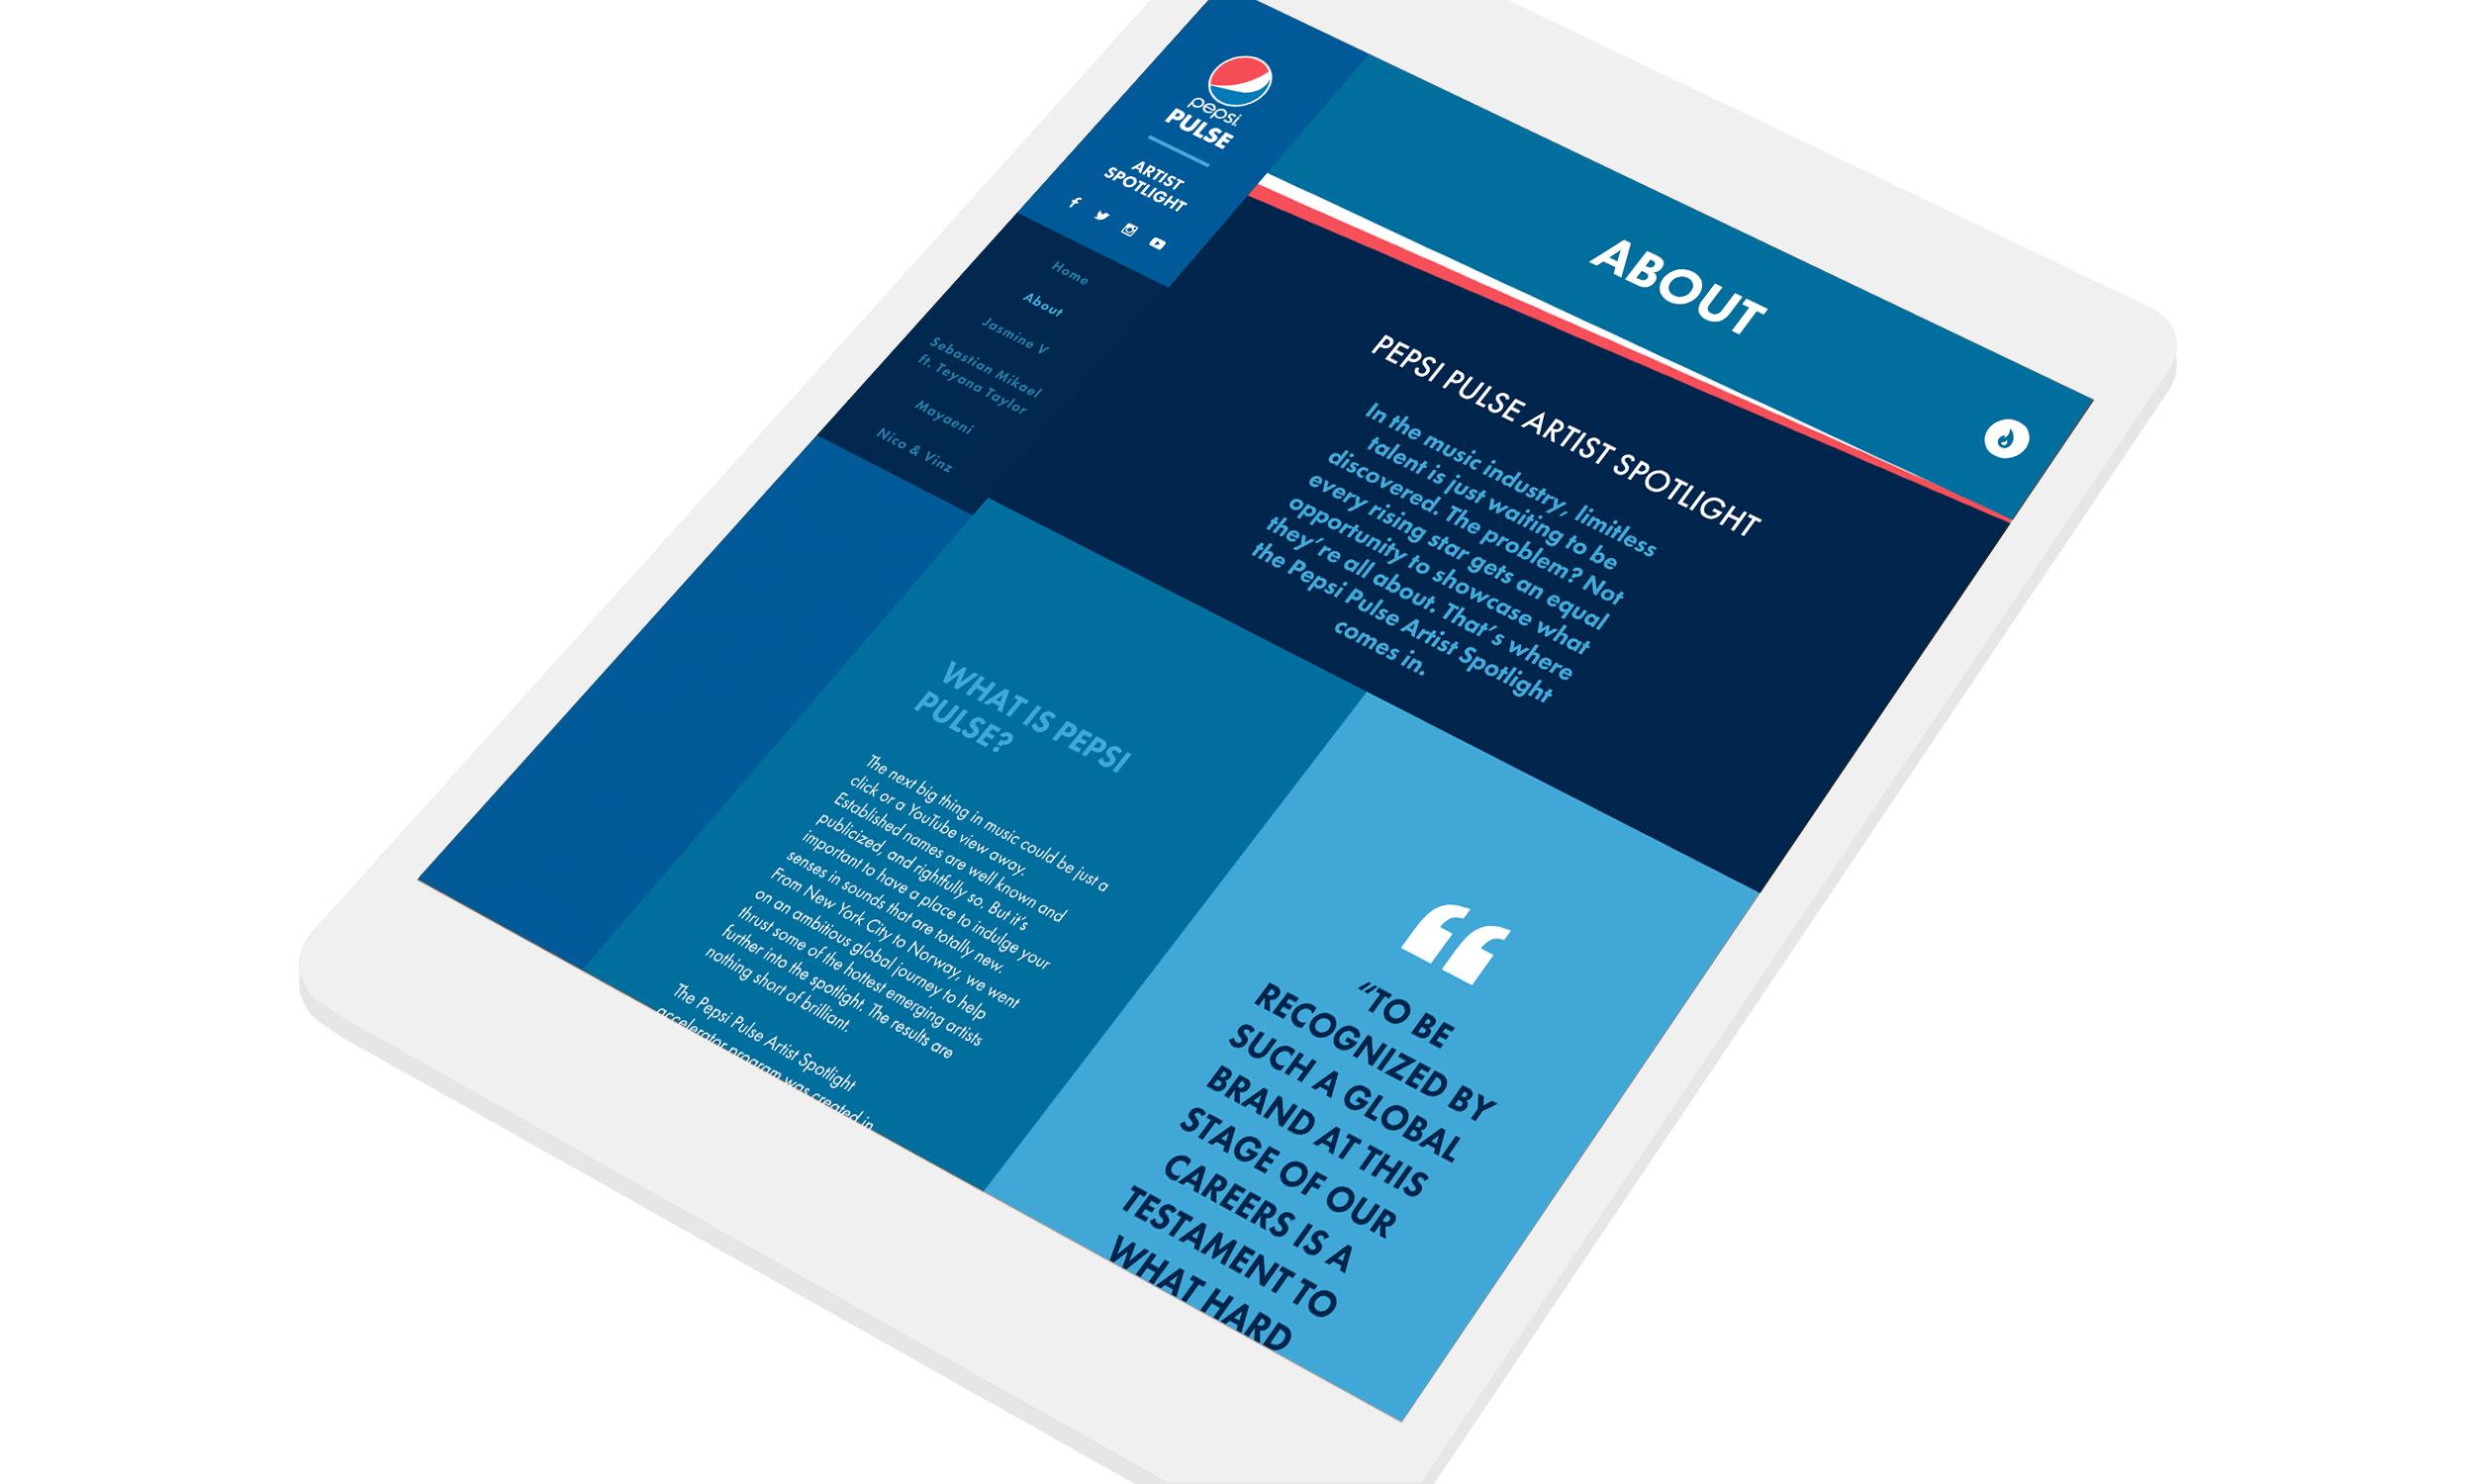 Pepsi-pulse-ipad-mockup.jpg